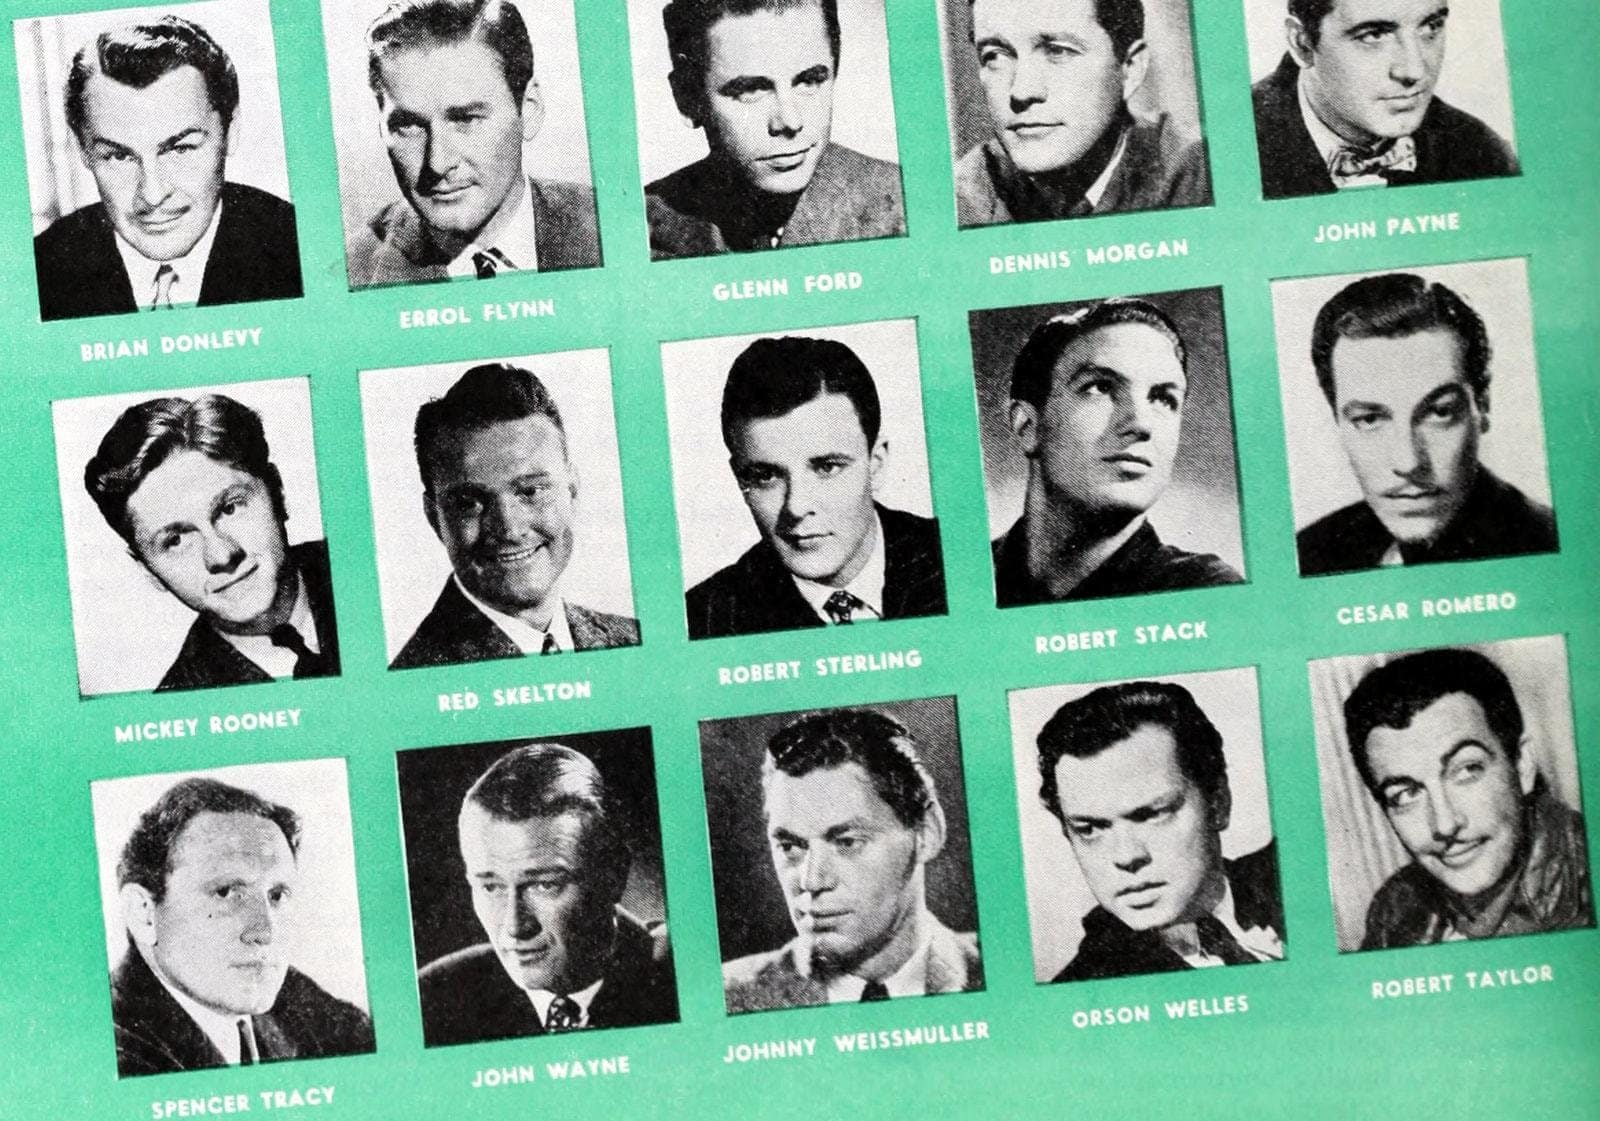 WW2 Hollywood deferments actors 1942